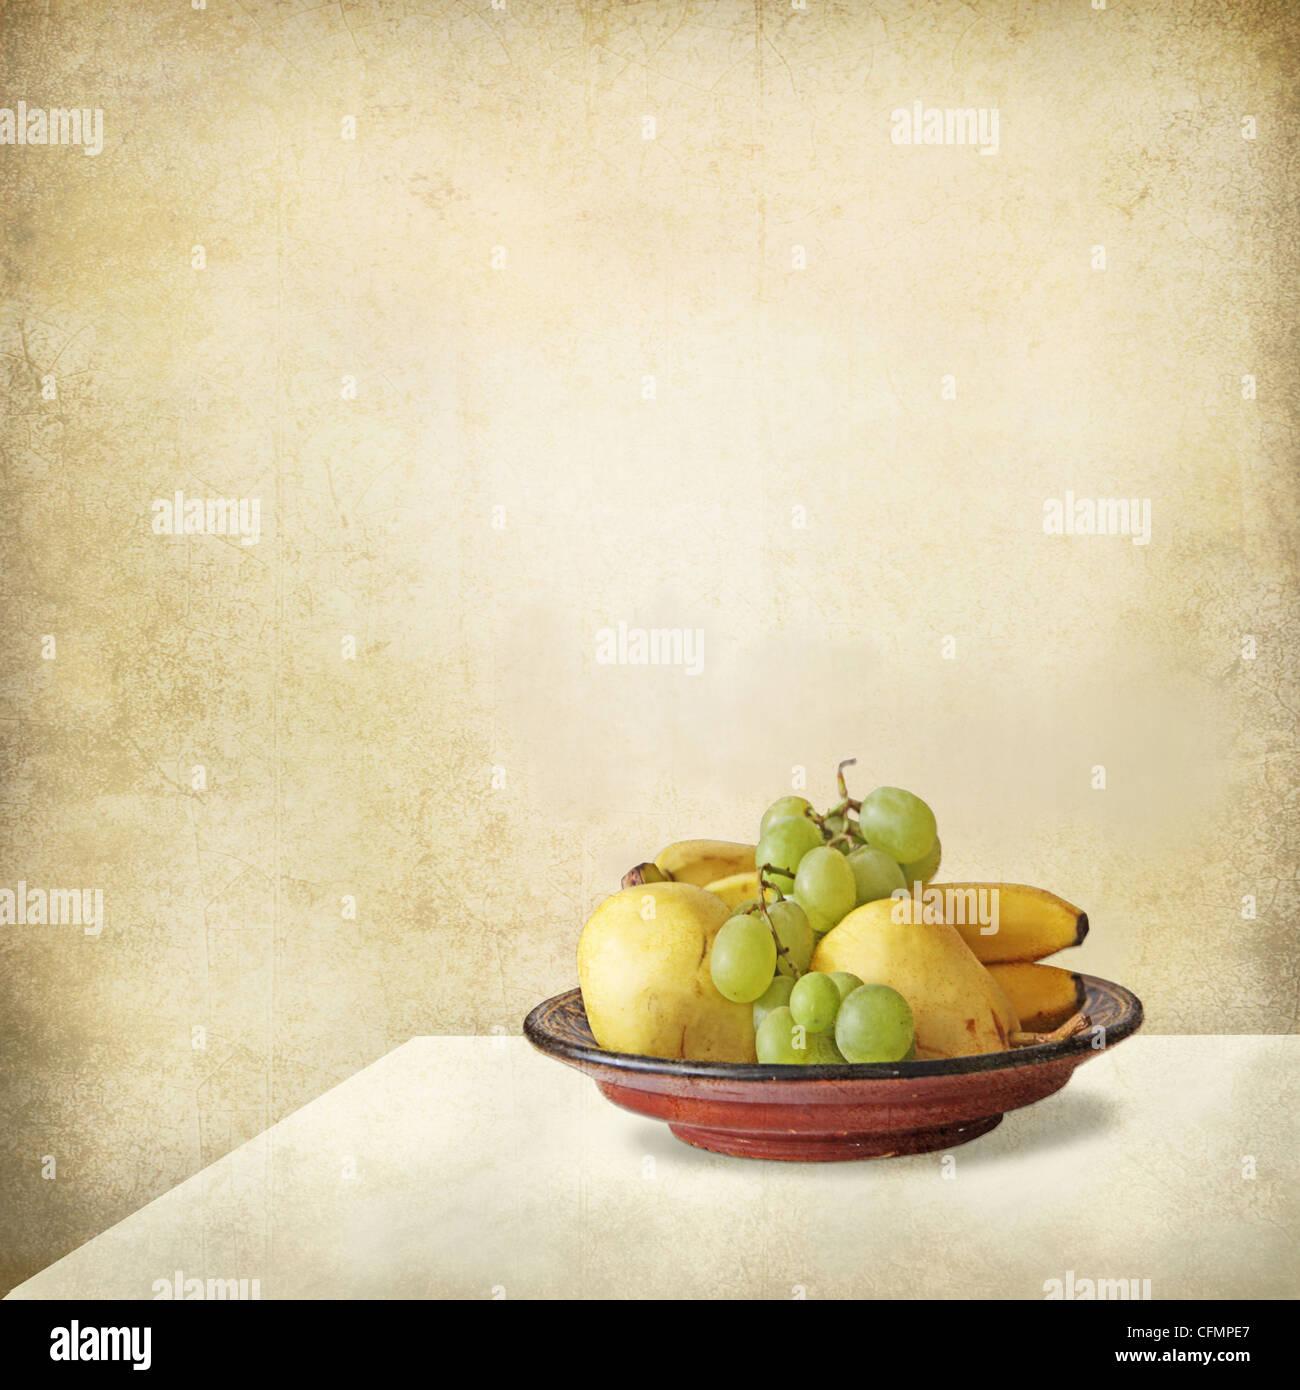 Grunge sigue la vida de una luz interior, una mesa y una bandeja llena de frutos, las uvas, los plátanos, las peras. Foto de stock